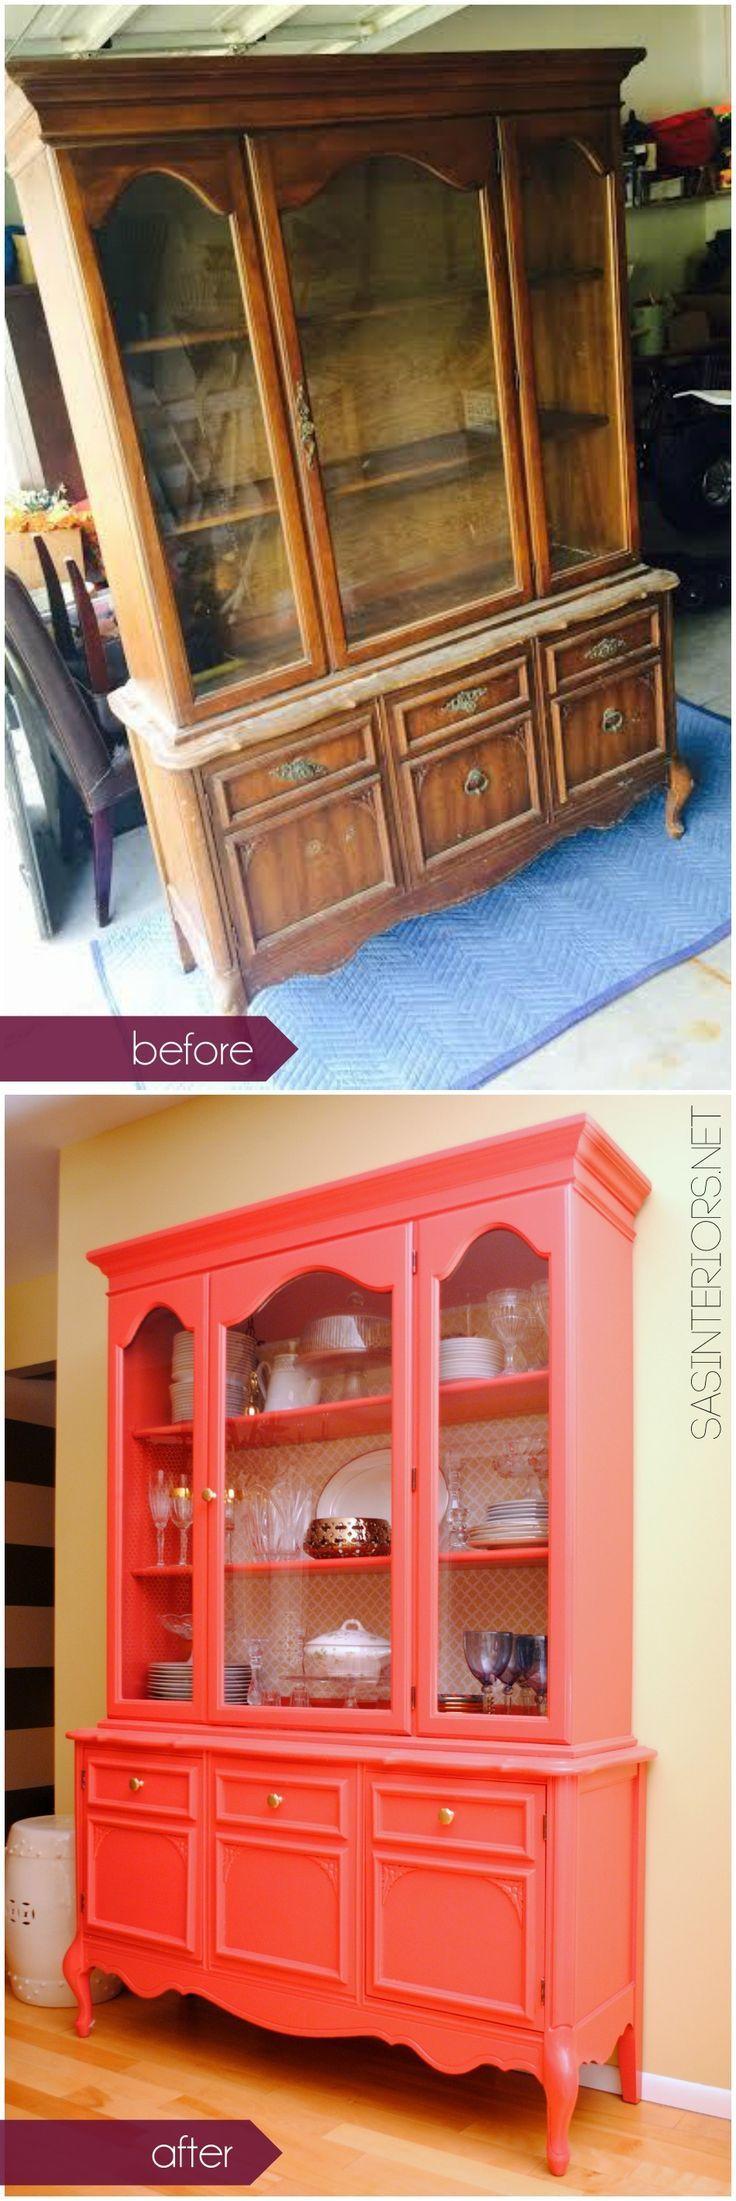 10 of our favorite blogger flea market flips home design pinterest m bel m bel. Black Bedroom Furniture Sets. Home Design Ideas